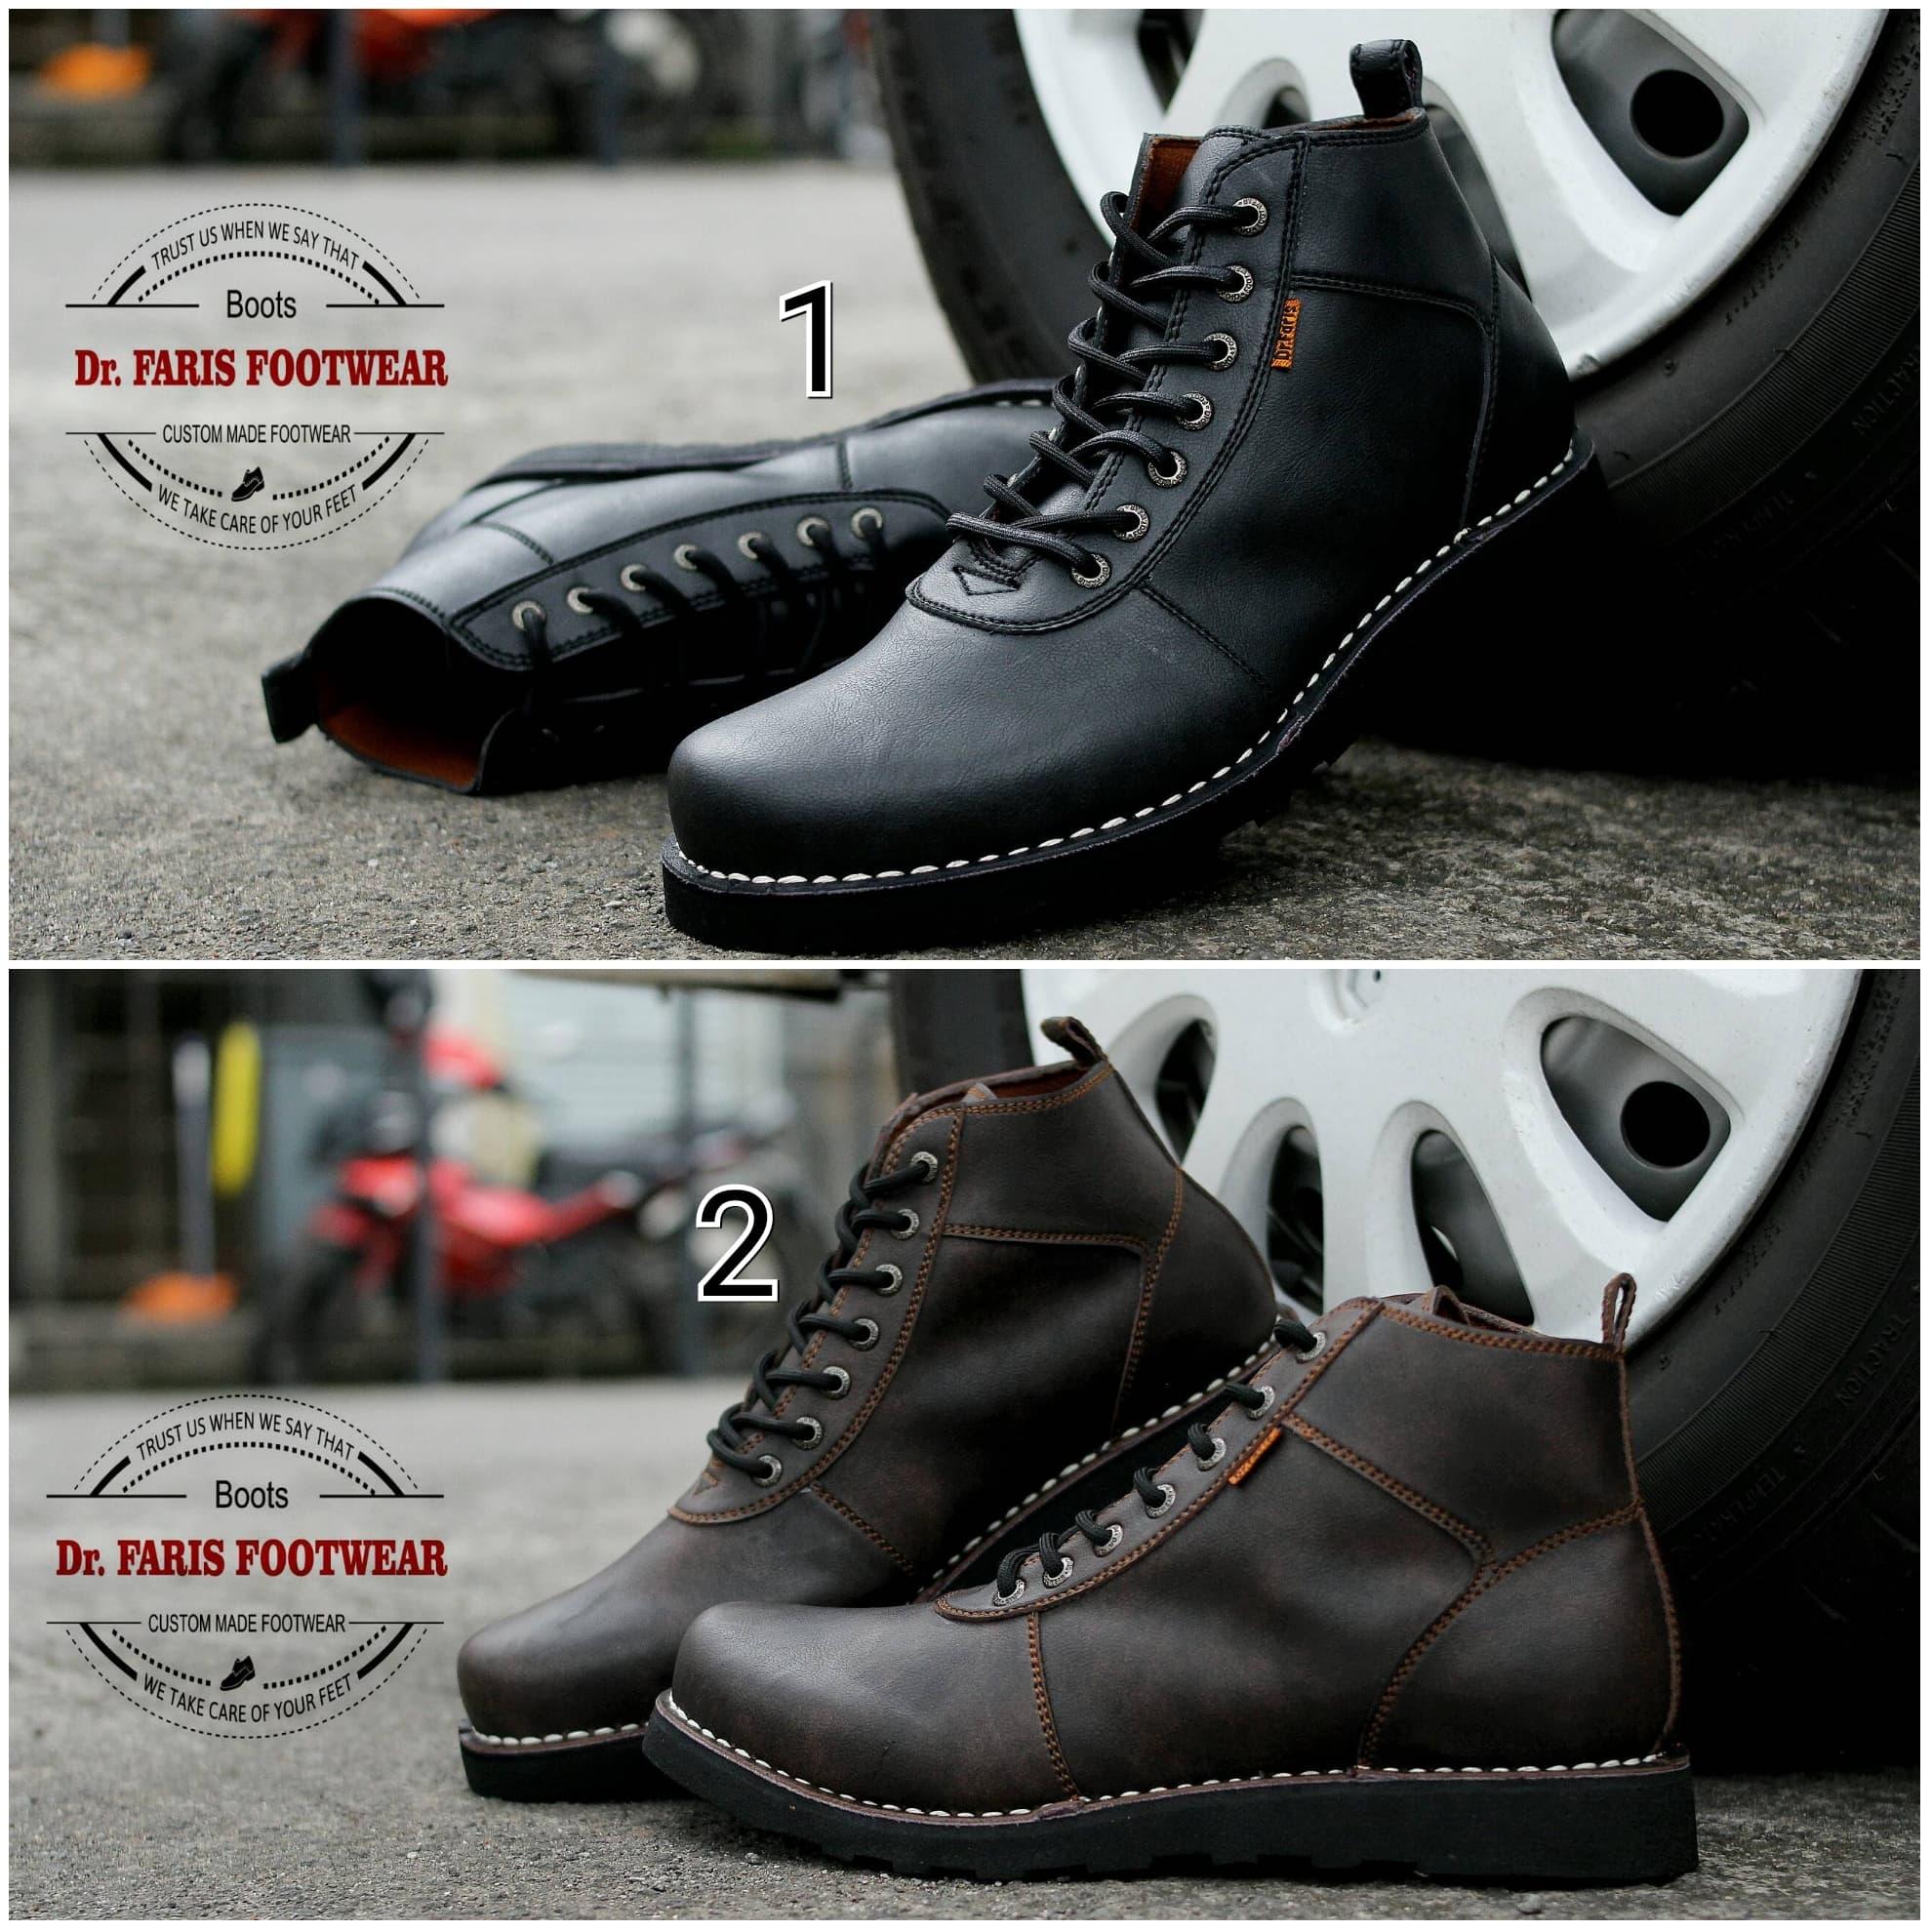 MURAH Sepatu Boots Pria Dr. Faris Sima Kulit Casual Formal Kerja Kantor 72eda8d6c3